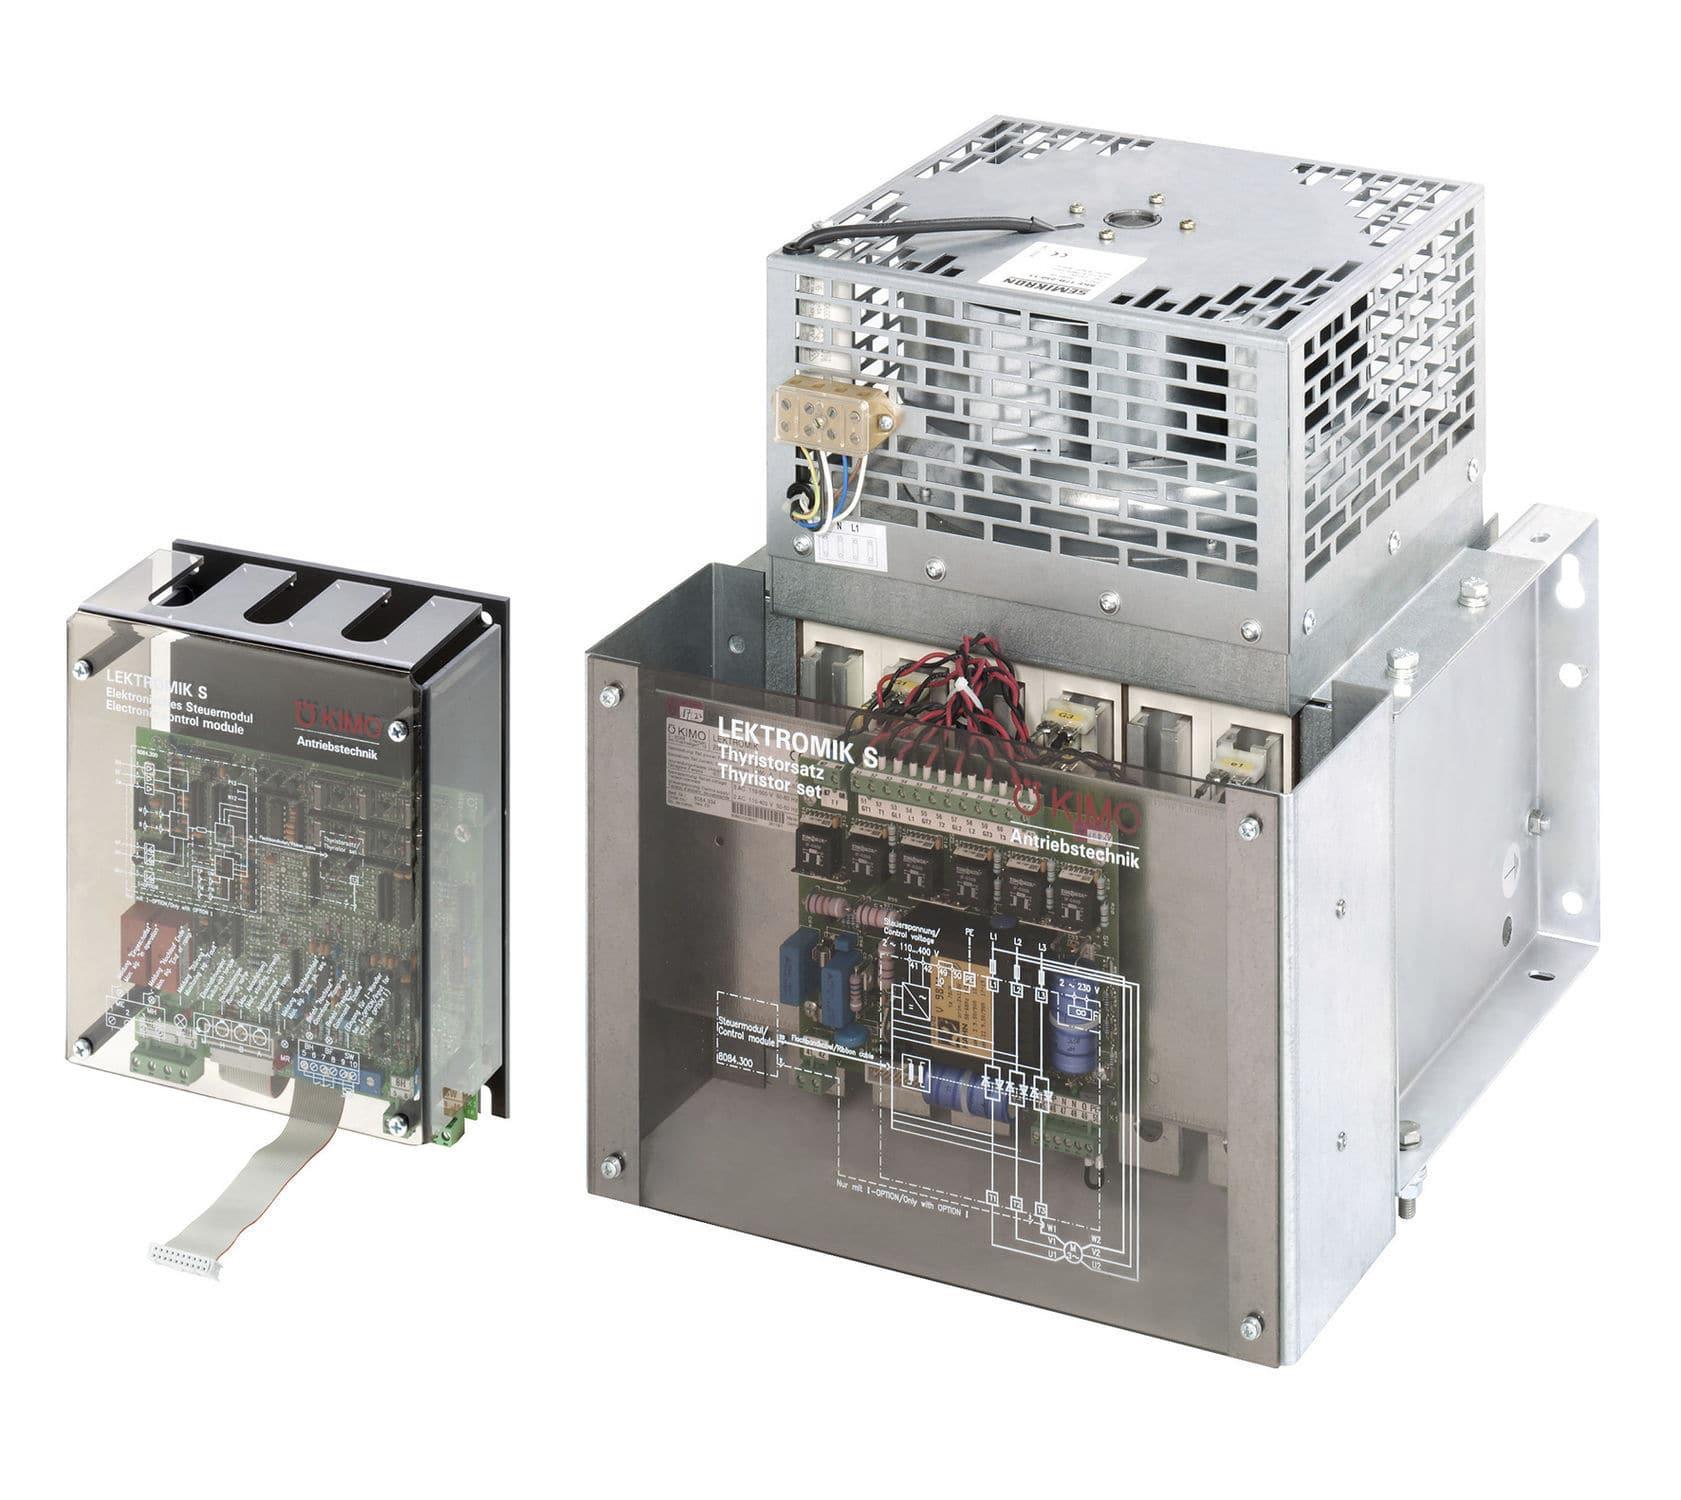 Motor Soft Starter Mechanical 4 2000 Kw Lektromik S Sd2 Start For Power Supply Series